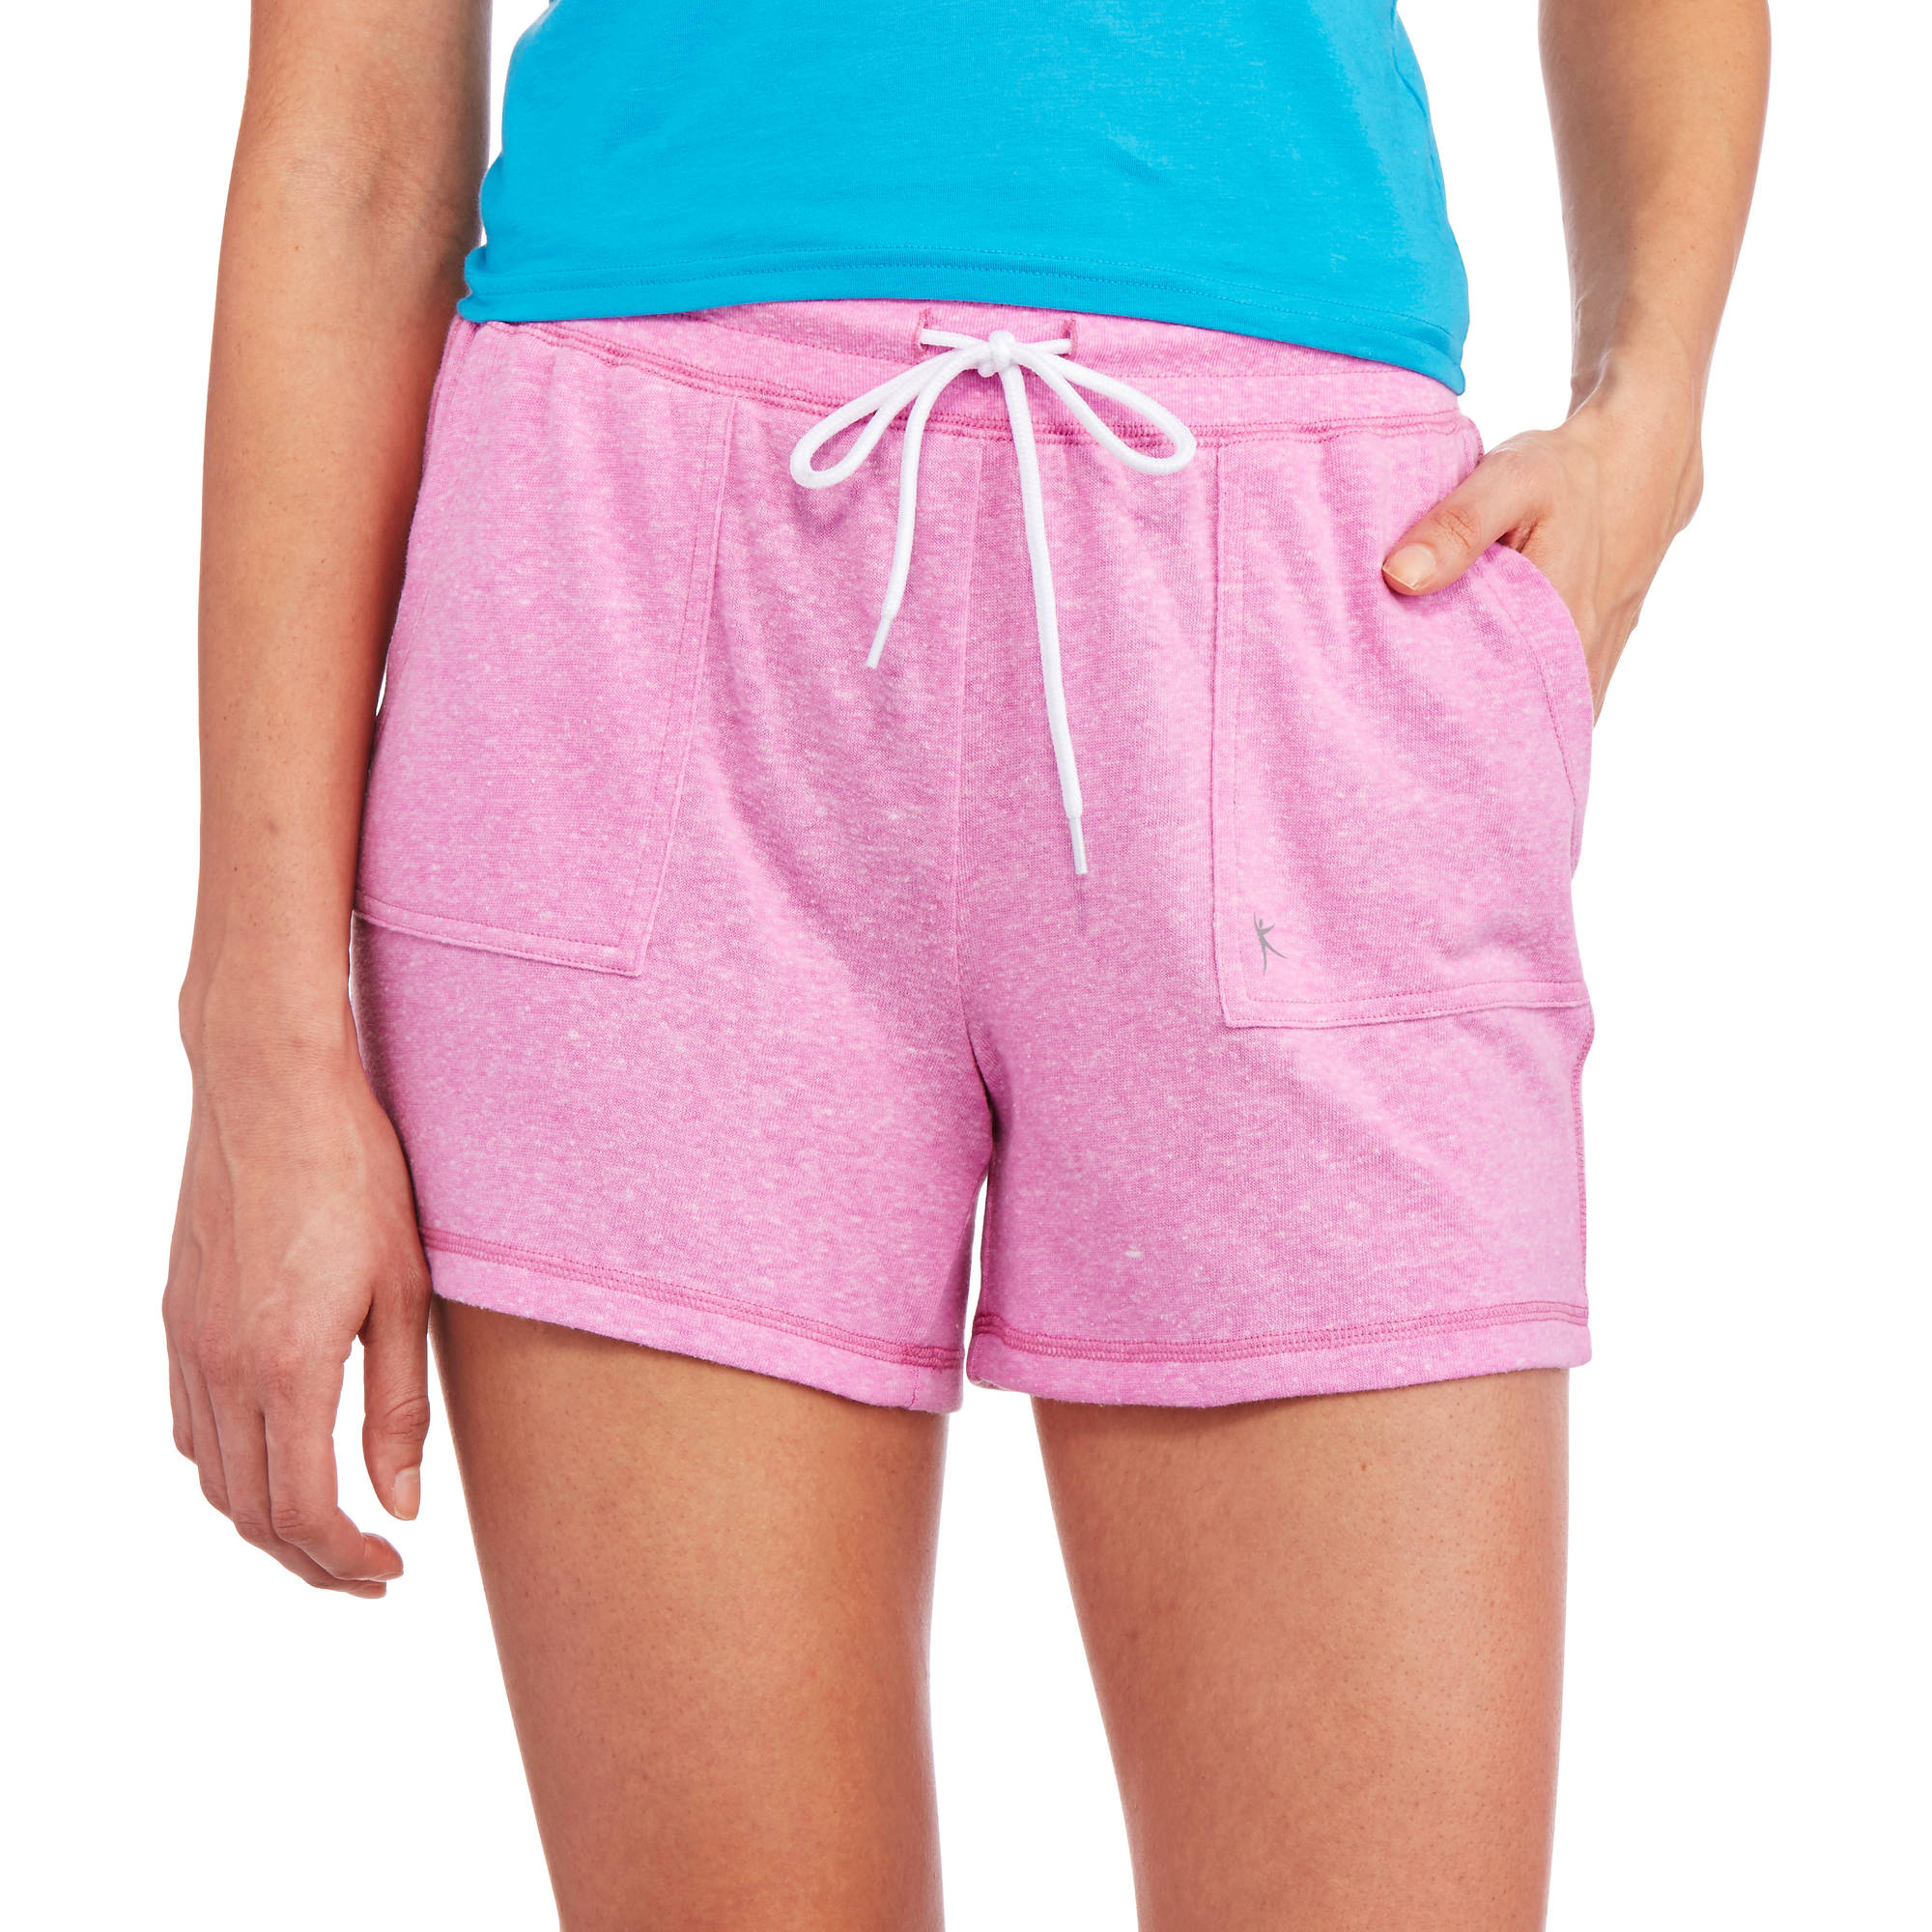 Danskin Now Women's Basic Knit Gym Short